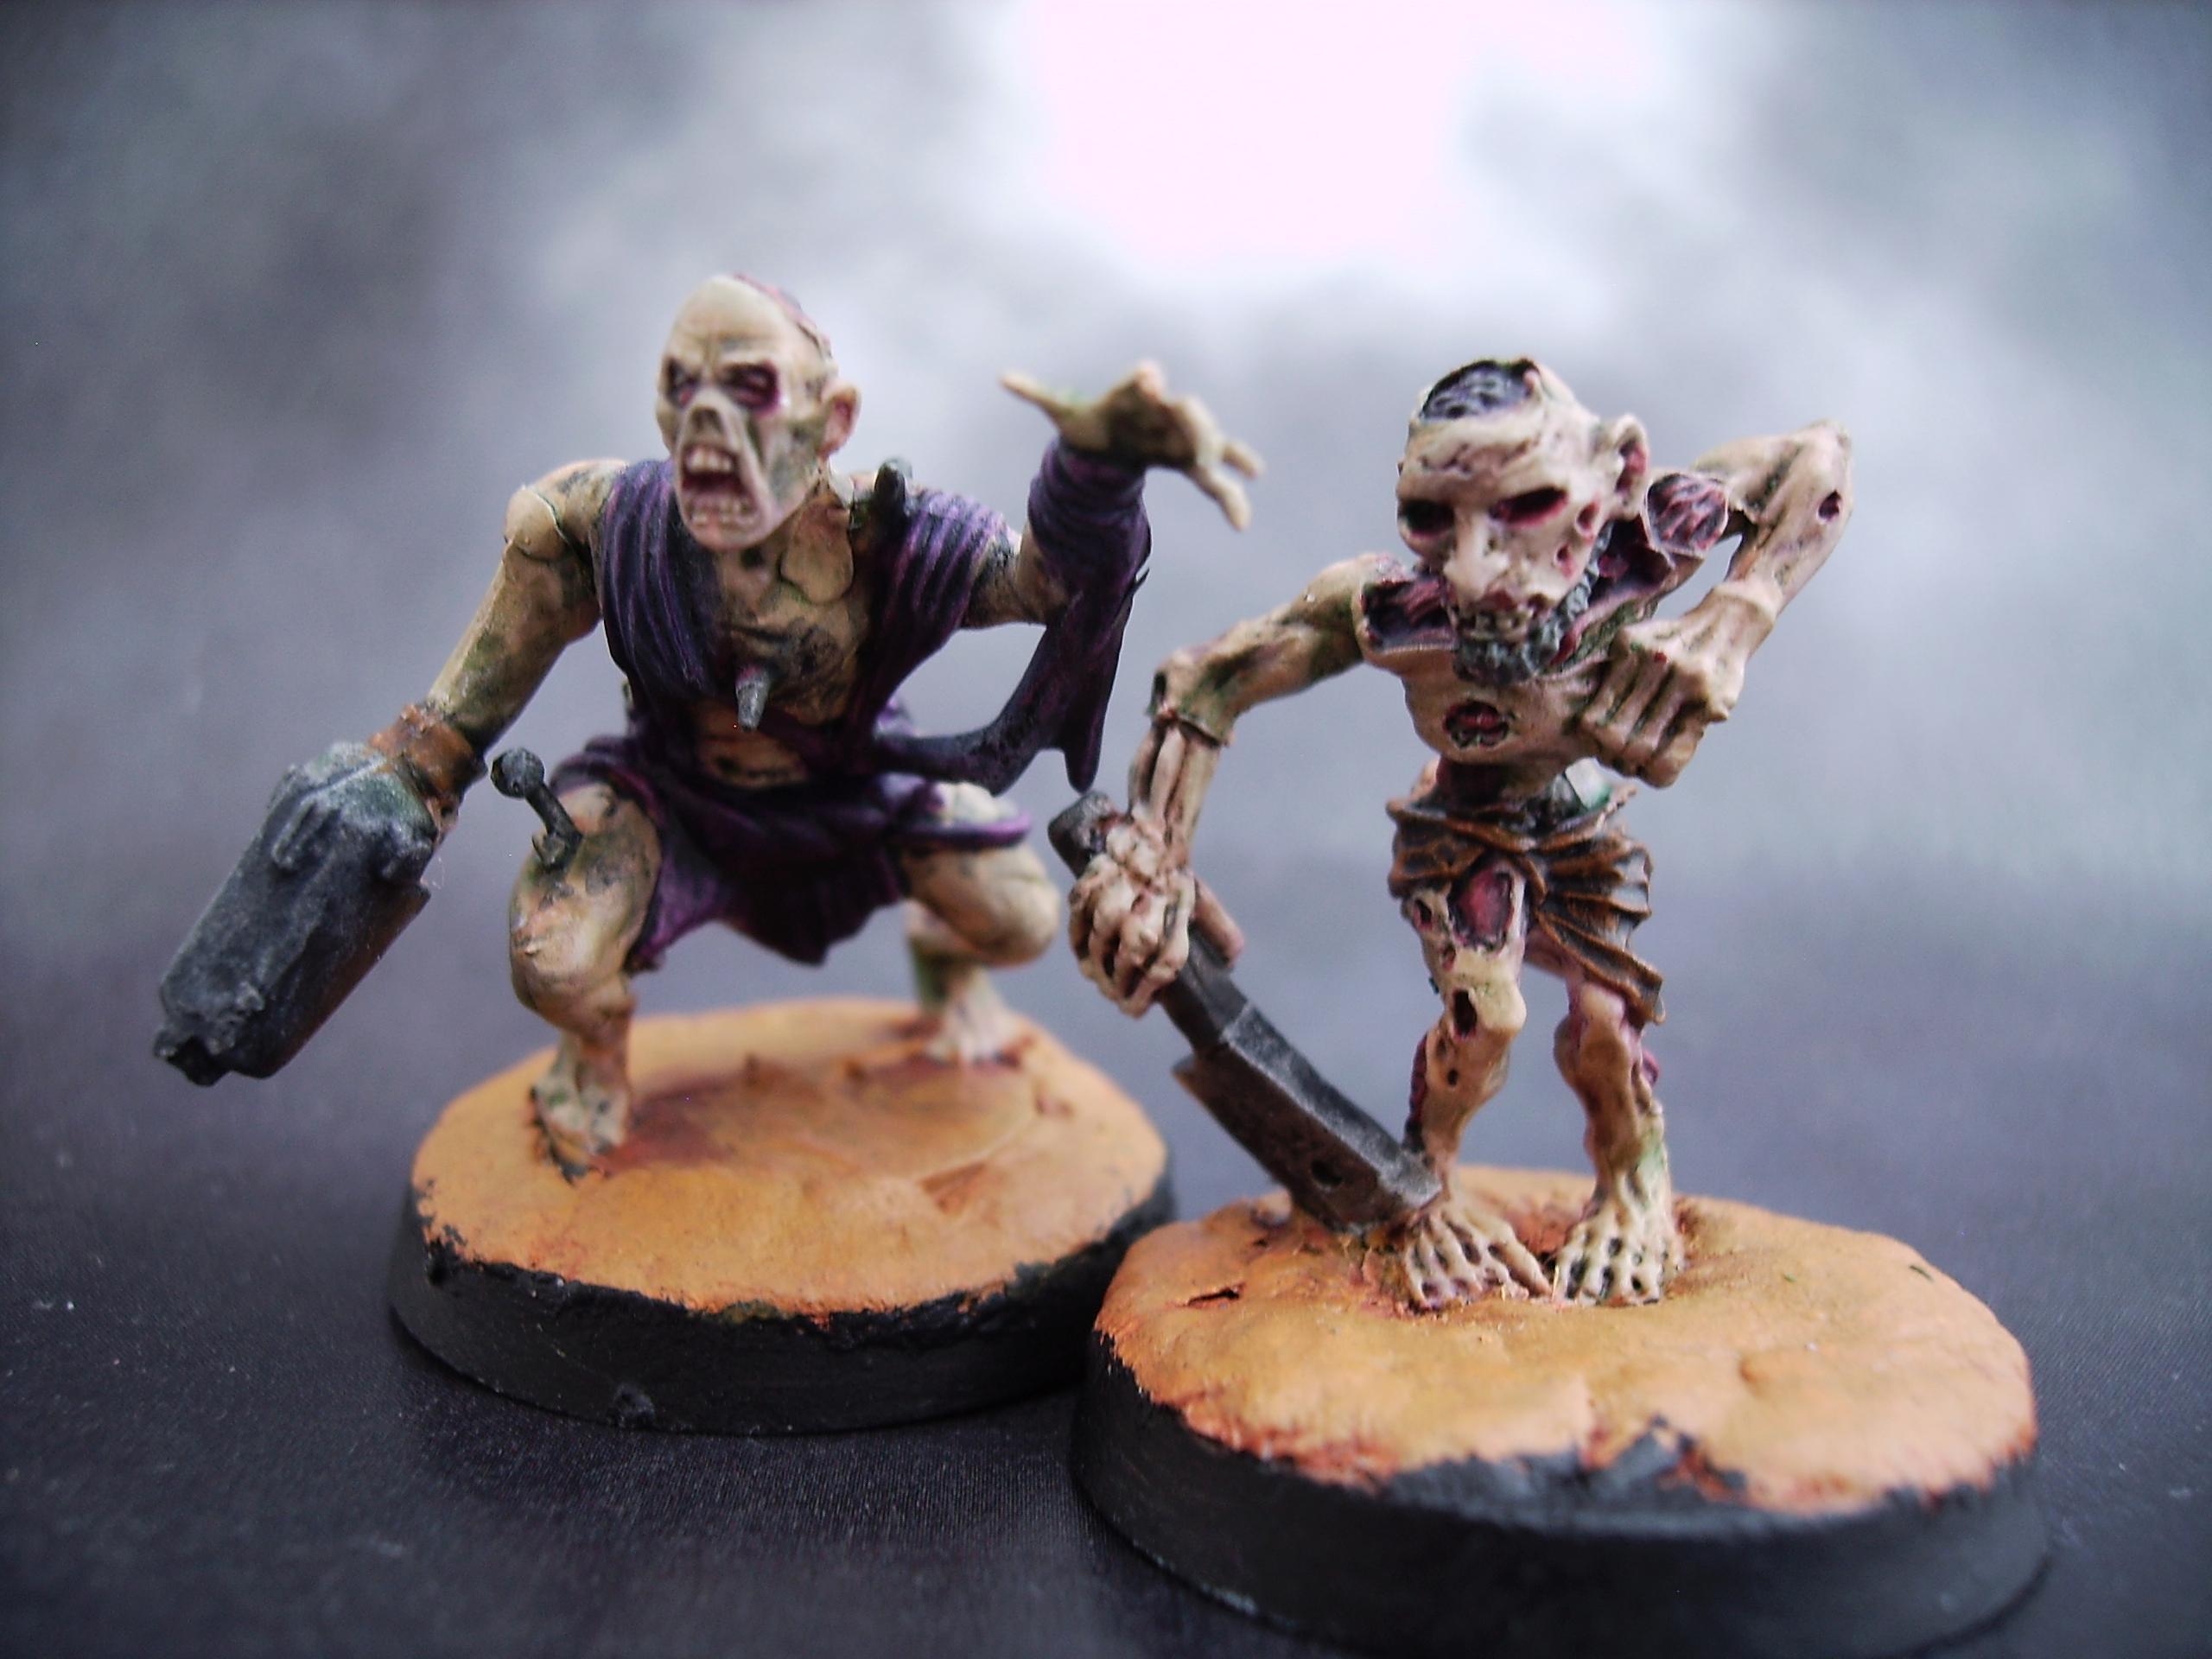 Mutants And Deathrays, Post Aopocalypse, Post Apoc, Zombie